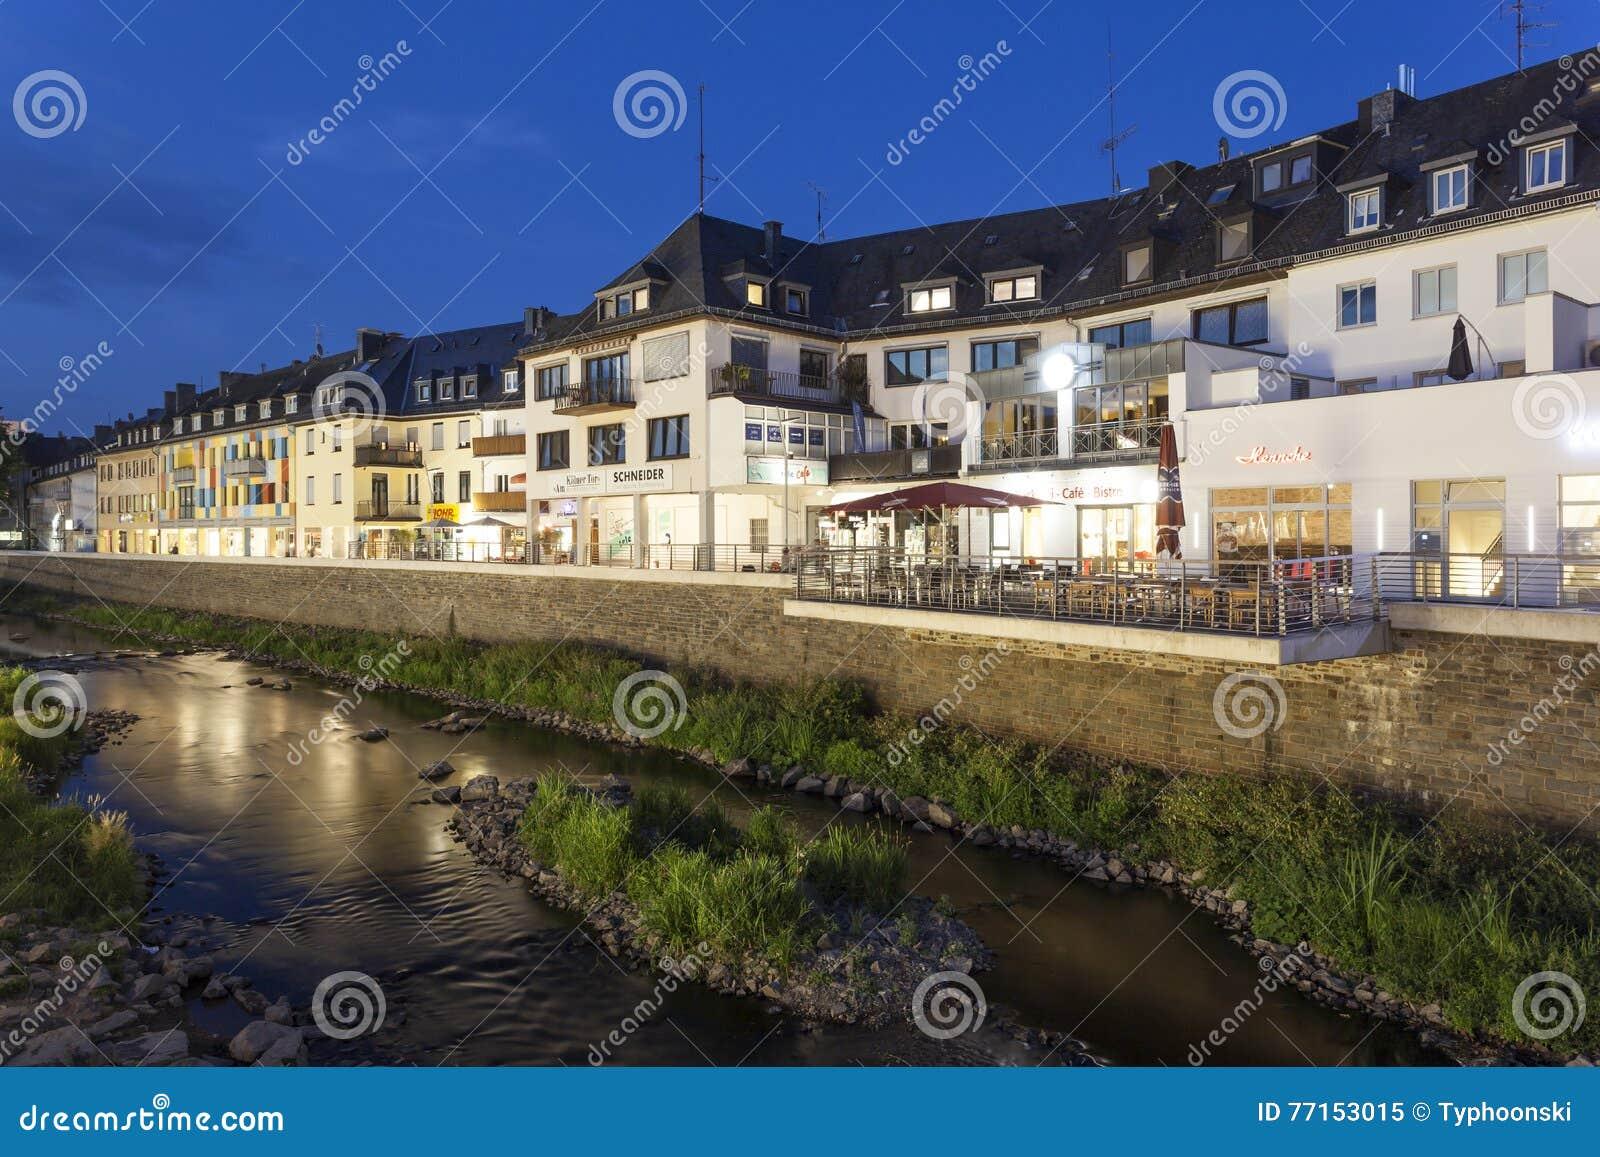 Bâtiments de bord de mer dans Siegen, Allemagne